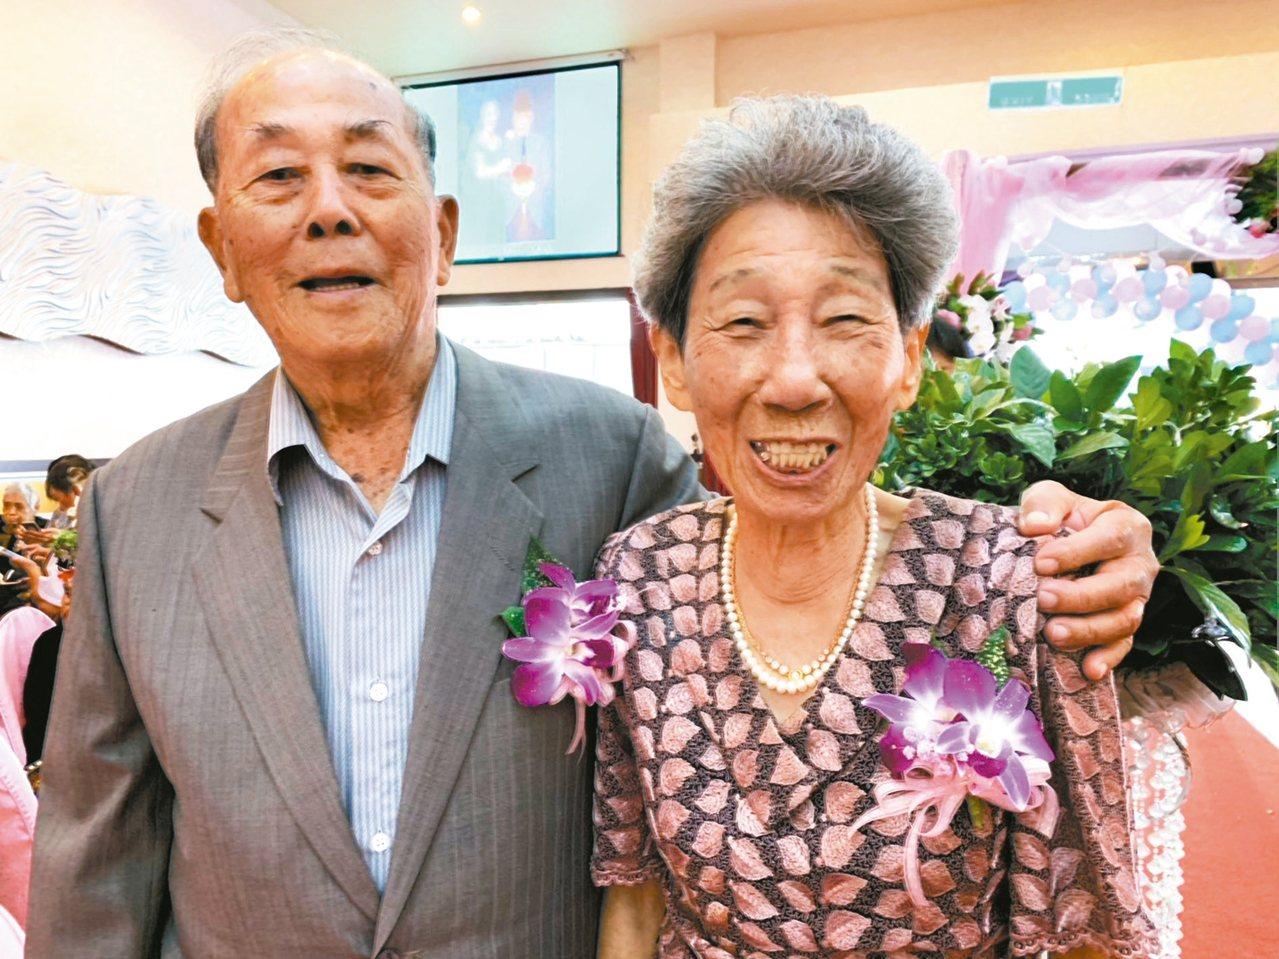 來自屏東縣長治鄉的胡松明、胡徐鳳英夫婦結婚64年,恩愛如昔。 記者翁禎霞/攝影